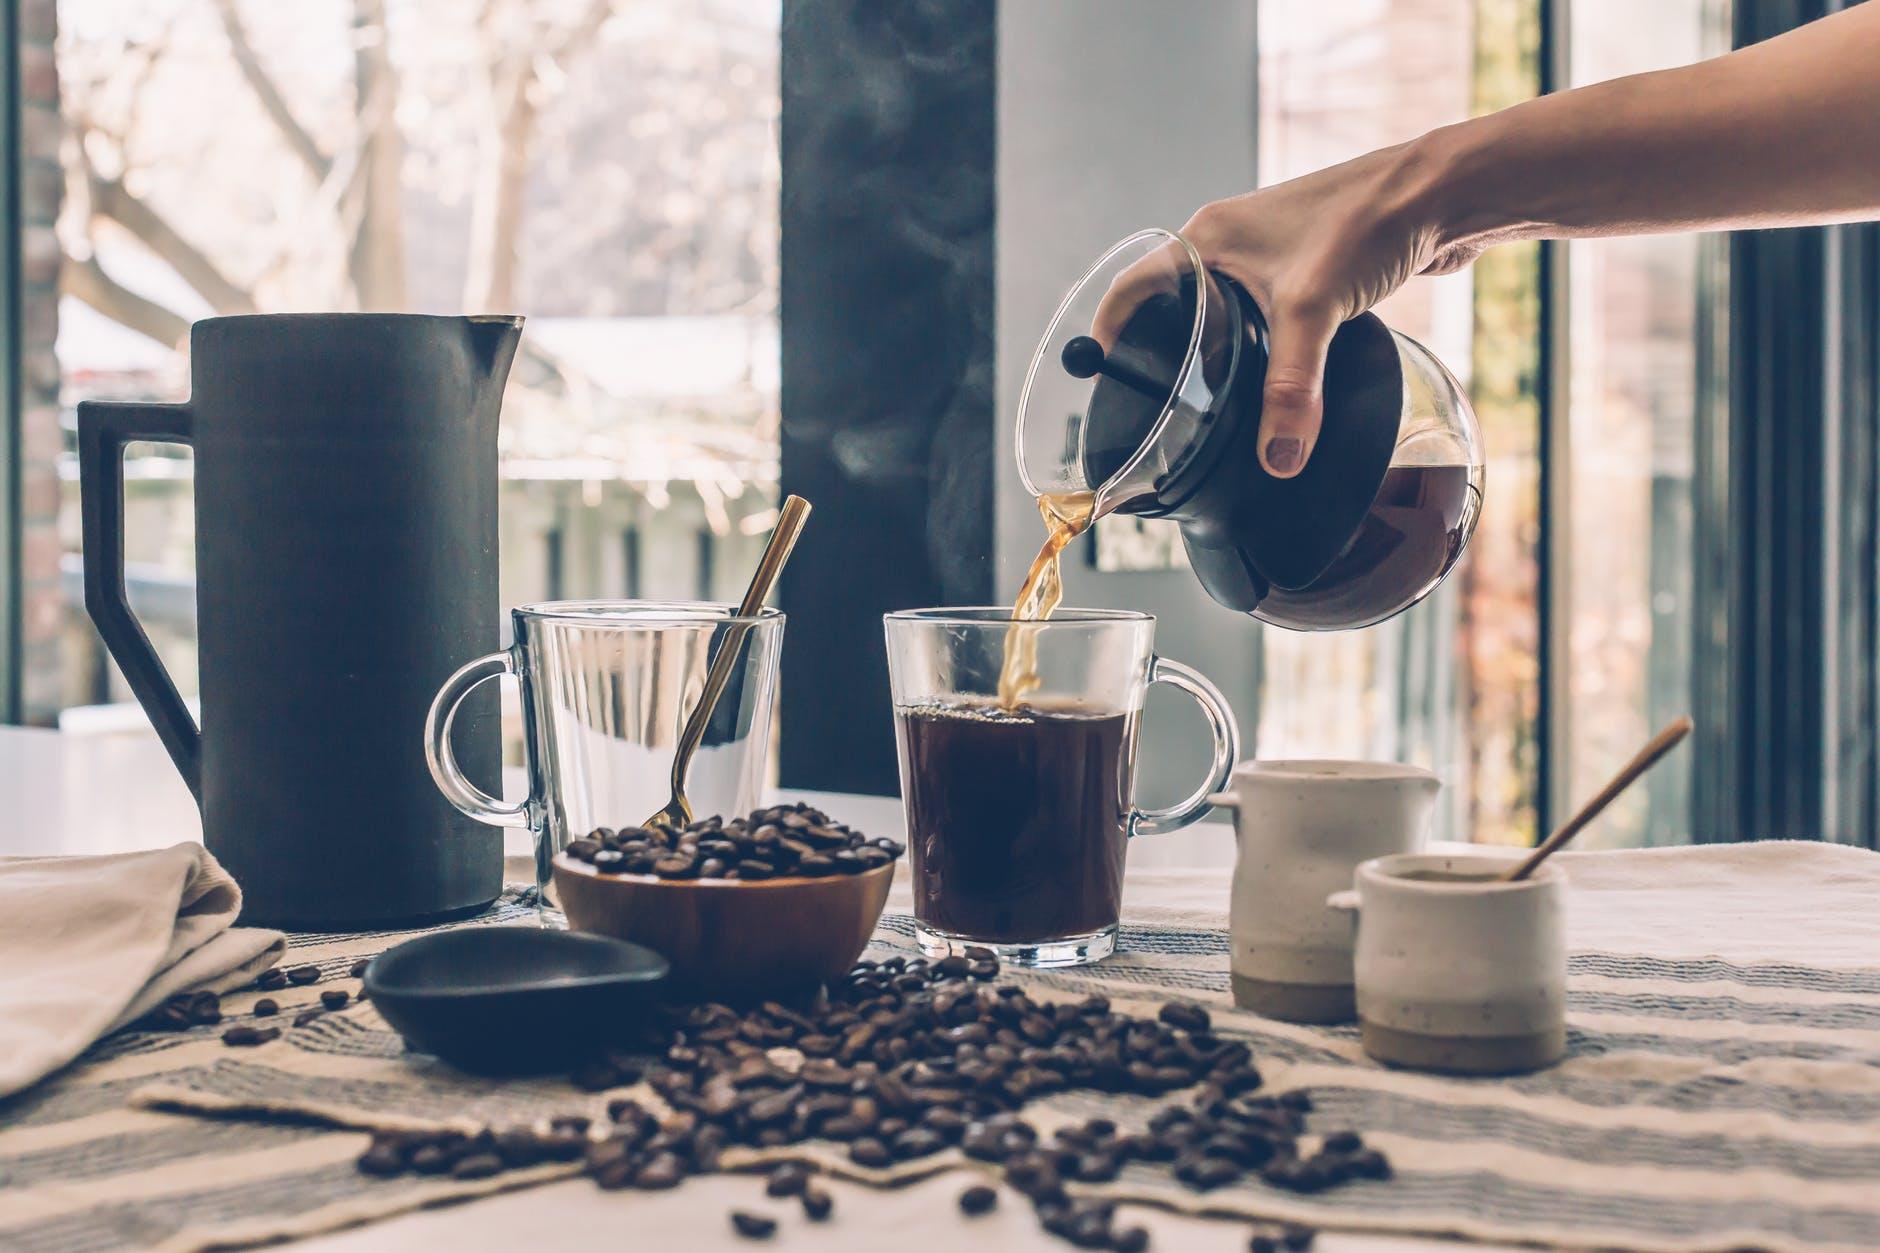 tác hại của caffeine cách thức pha cà phê